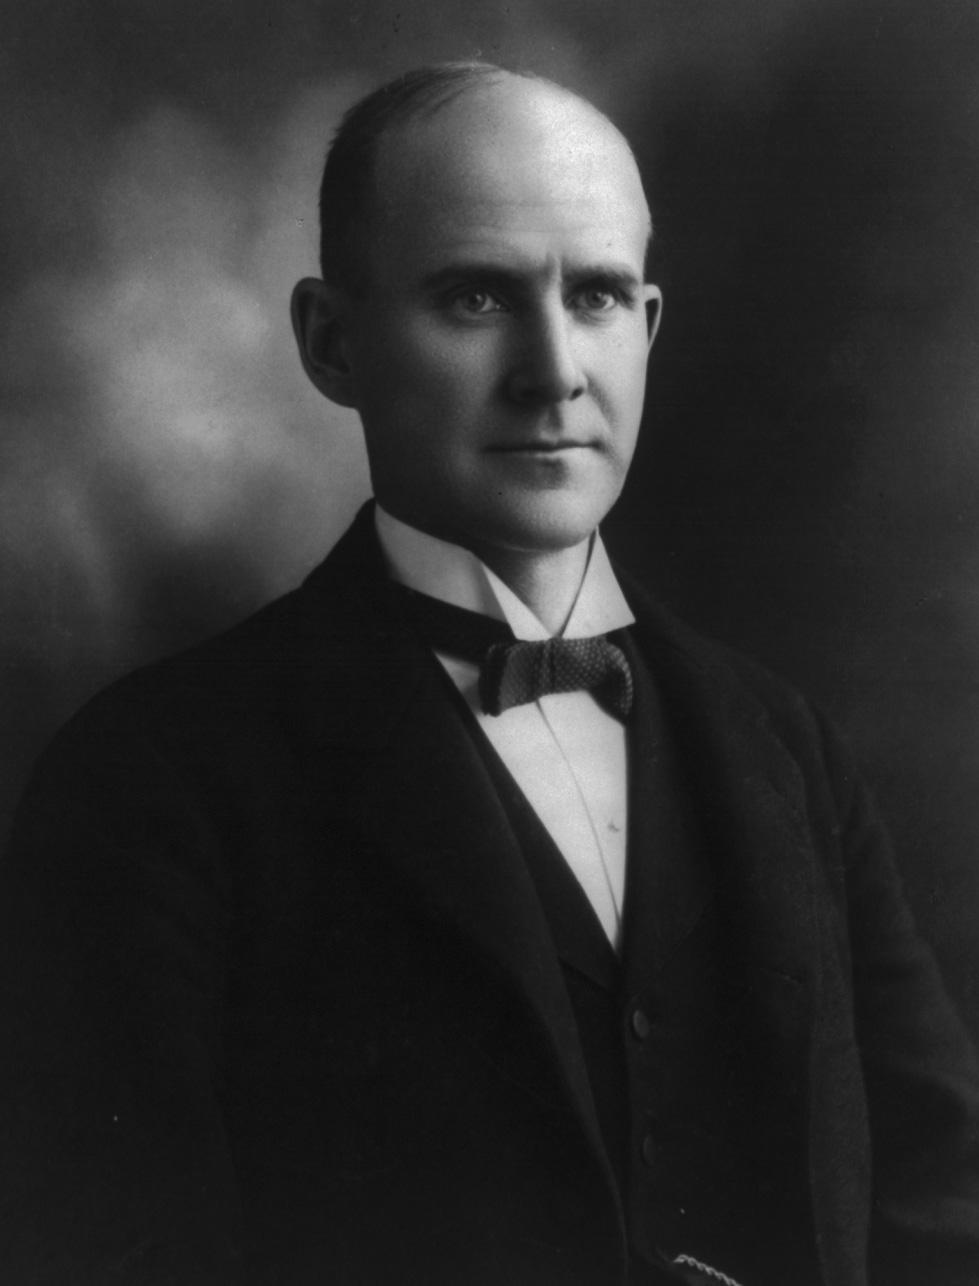 Portrait of Eugene V. Debs